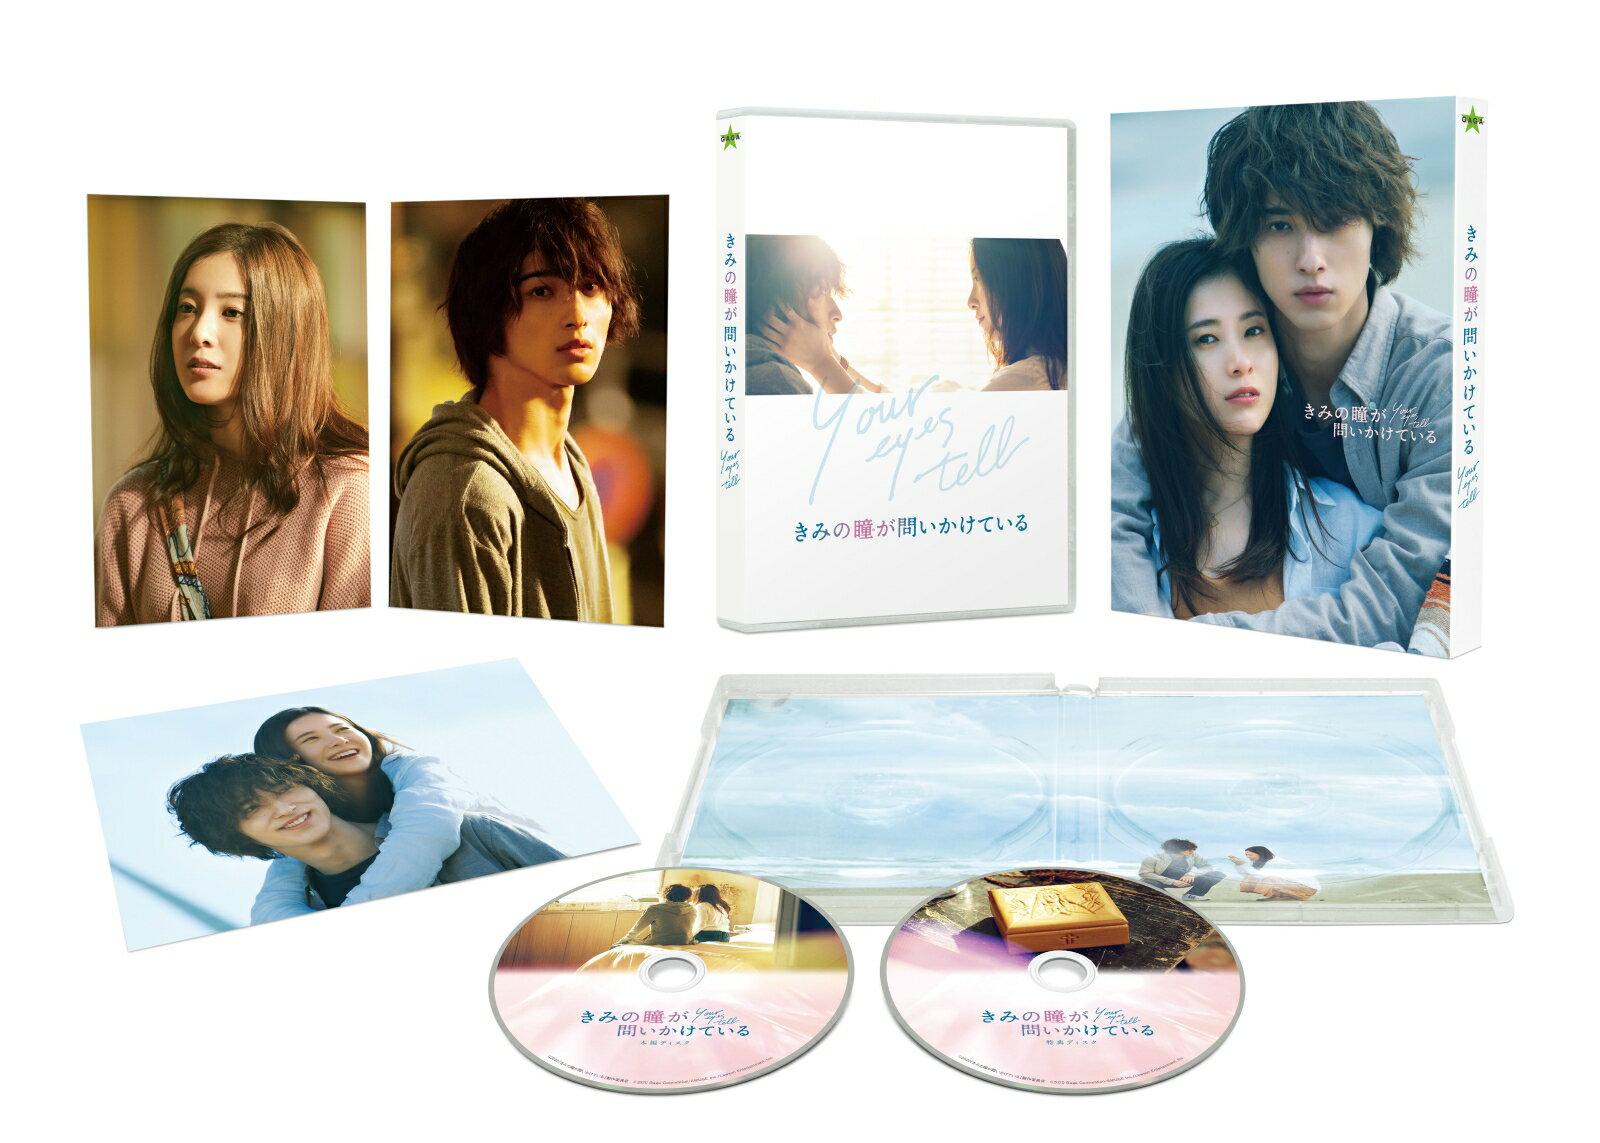 きみの瞳が問いかけている Blu-rayコレクターズ・エディション<2枚組>【初回生産限定】アウターケース+ポストカード3枚付【Blu-ray】